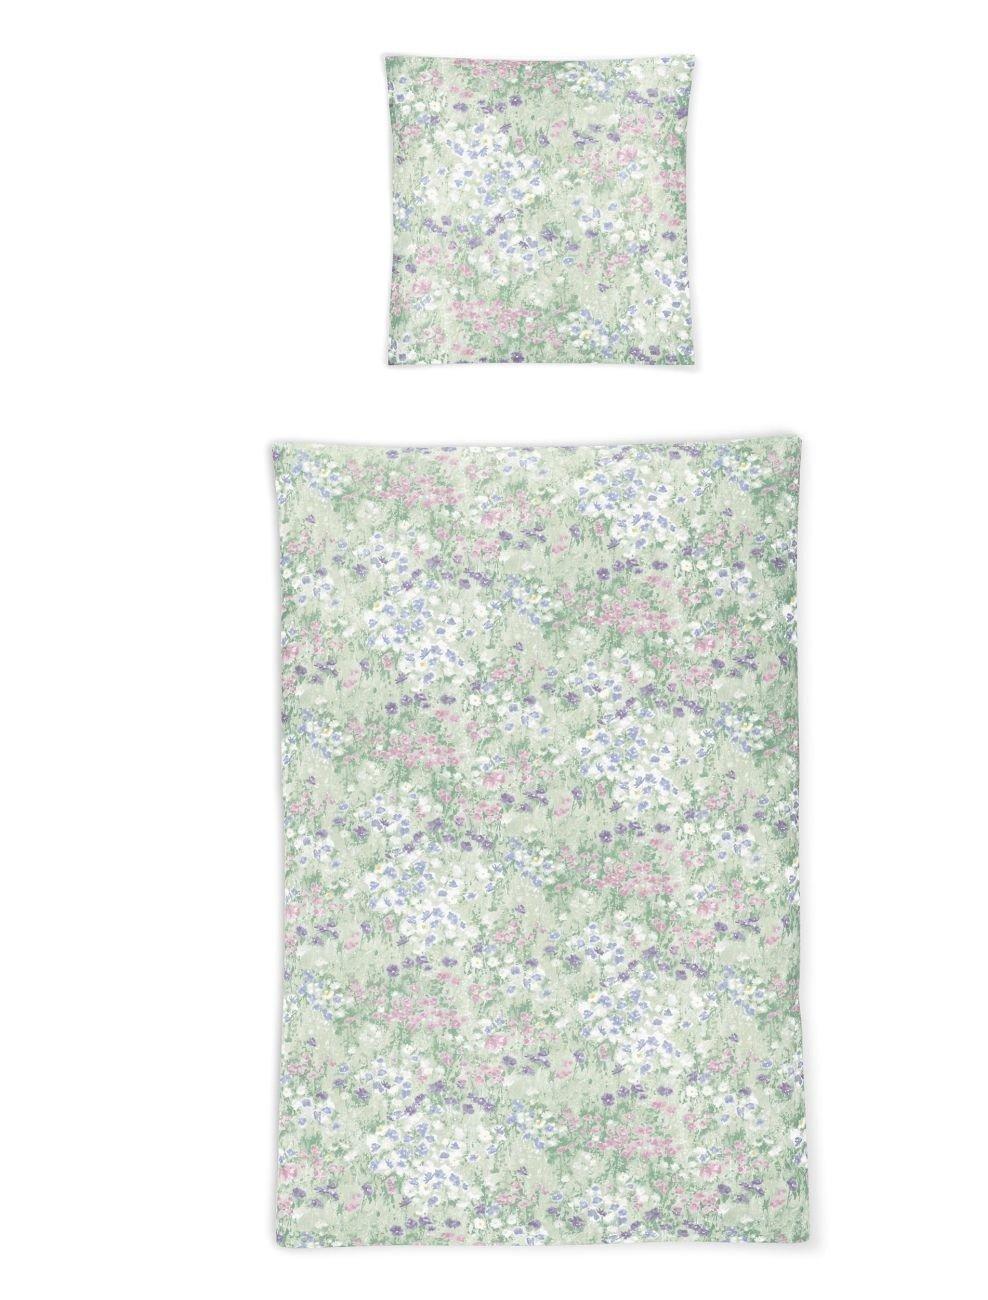 Irisette Soft Jersey Luna Bettwäsche 2 teilig Bettbezug 155 x 200 cm Kopfkissenbezug 80 x 80 cm Luna 381697-90 Pastel